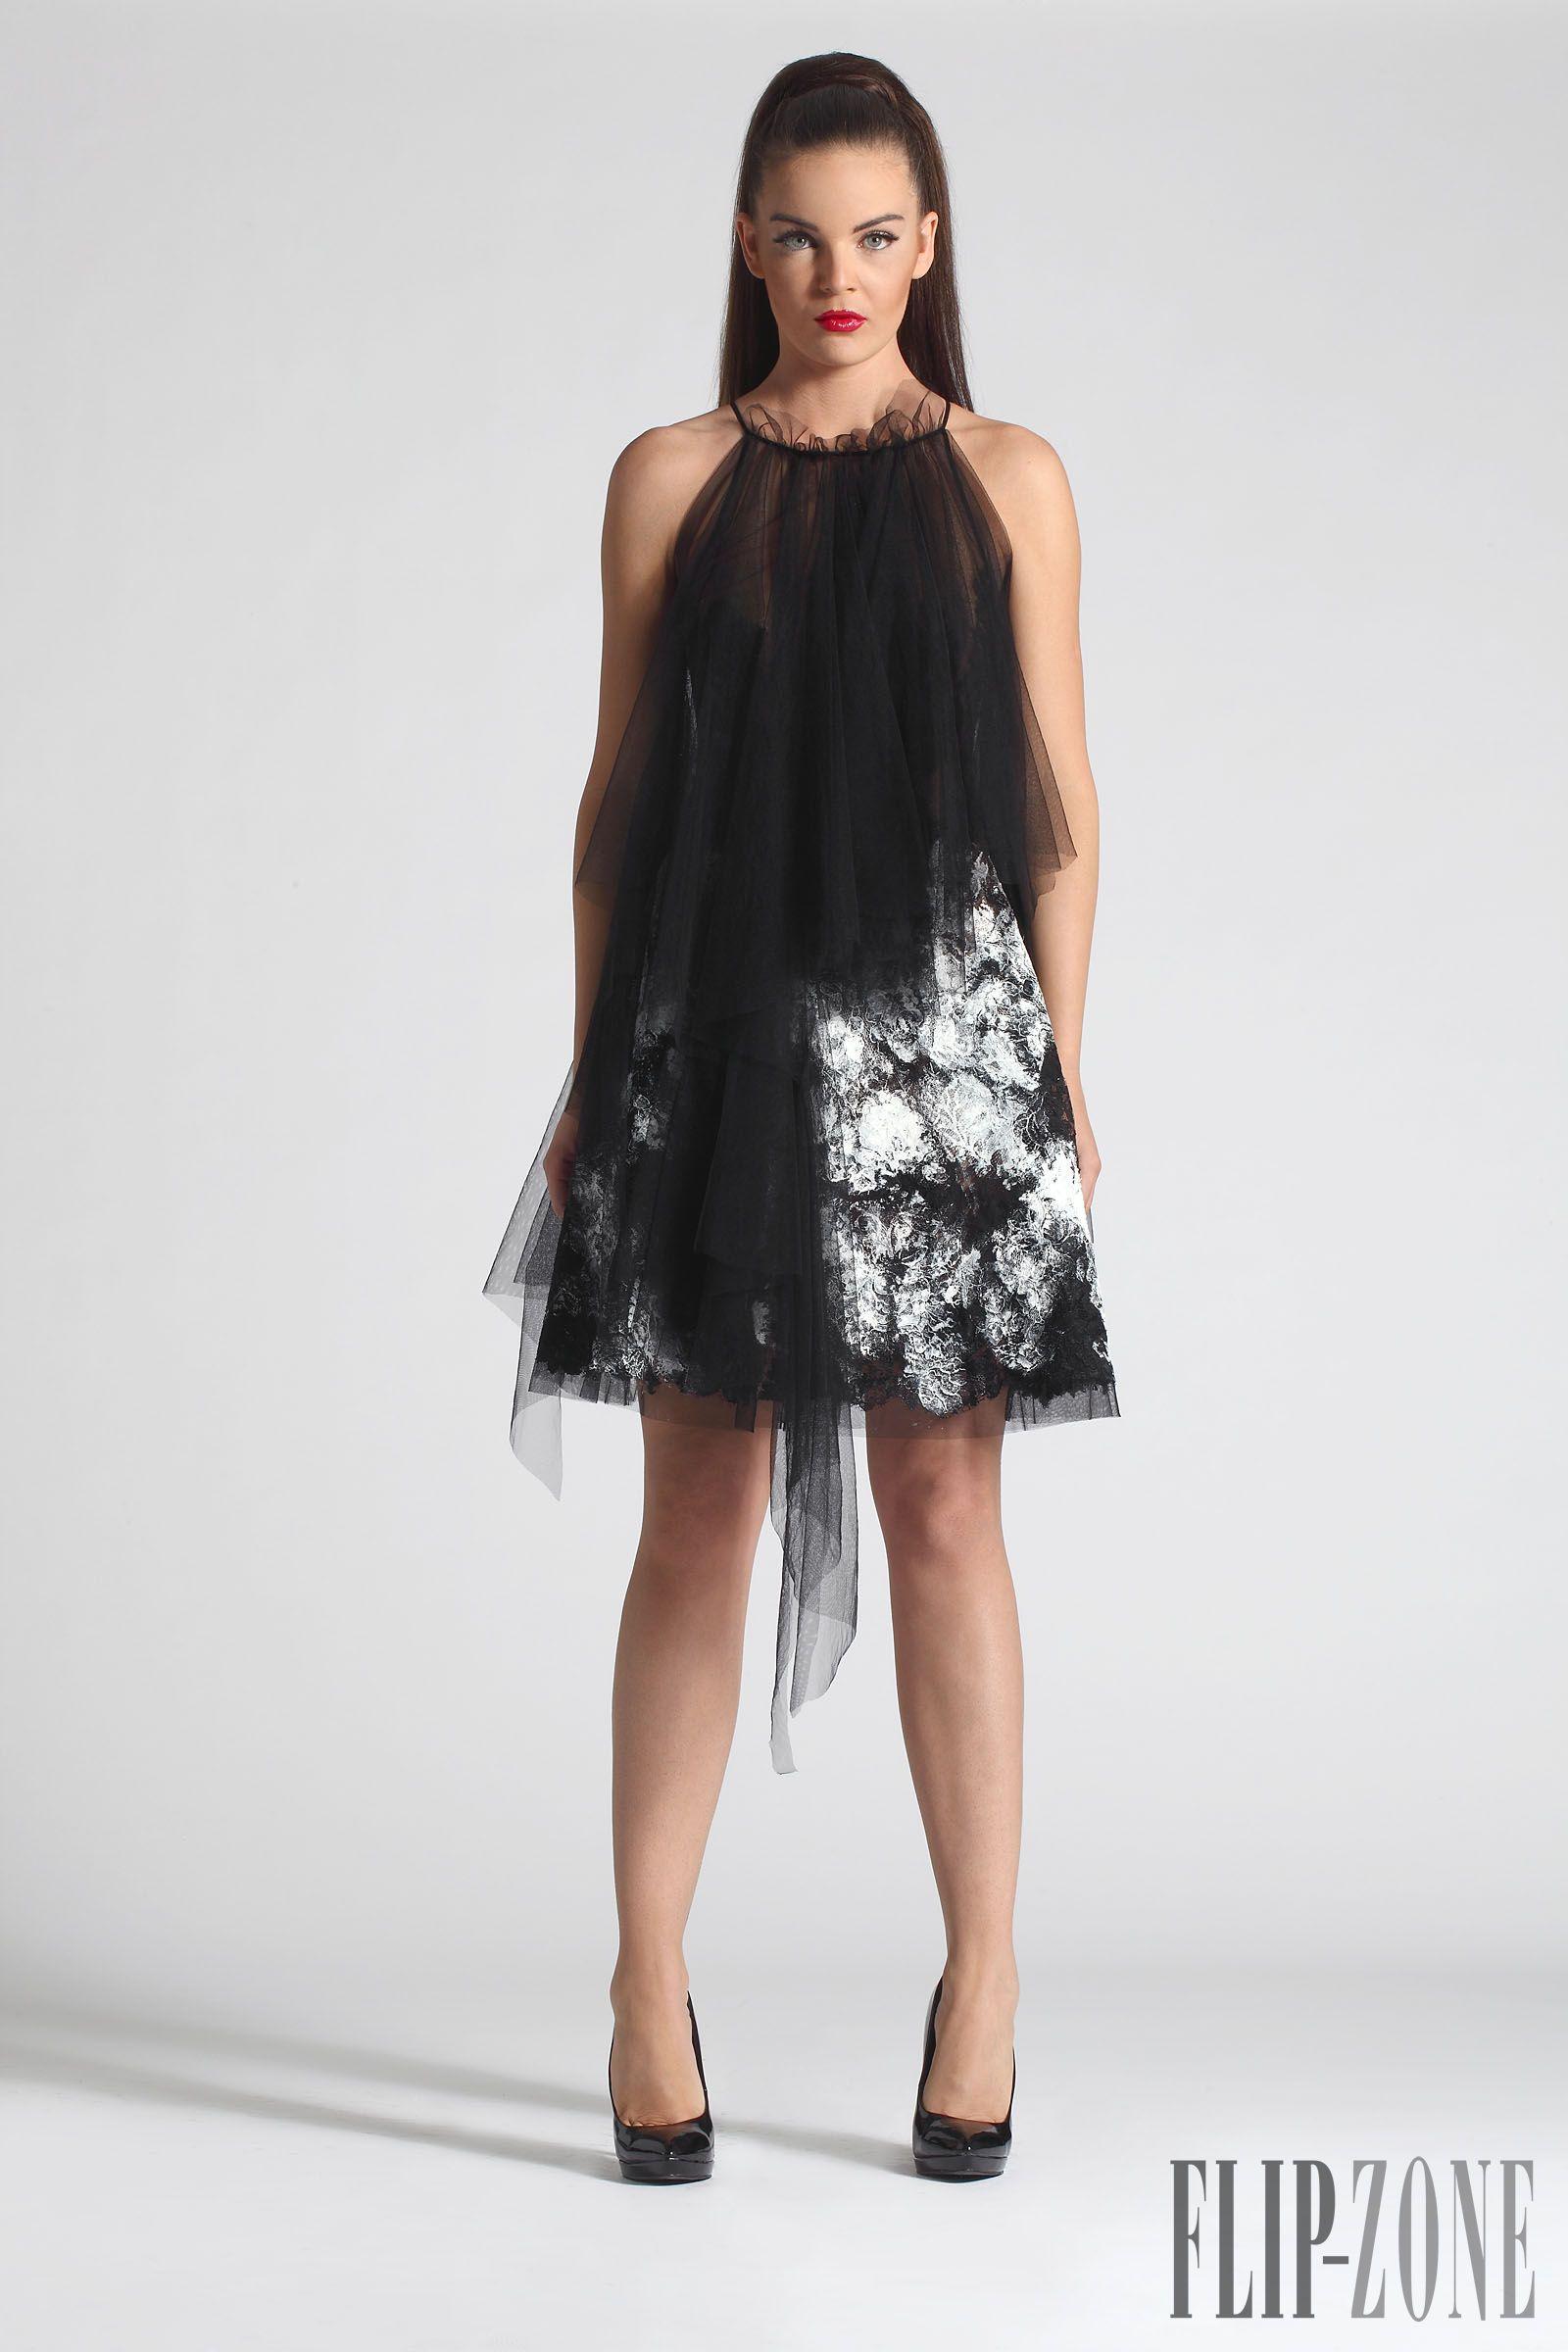 """Corpbeau """"Kika"""", P-É 2014 - Haute couture - http://fr.flip-zone.com/corpbeau-5233"""